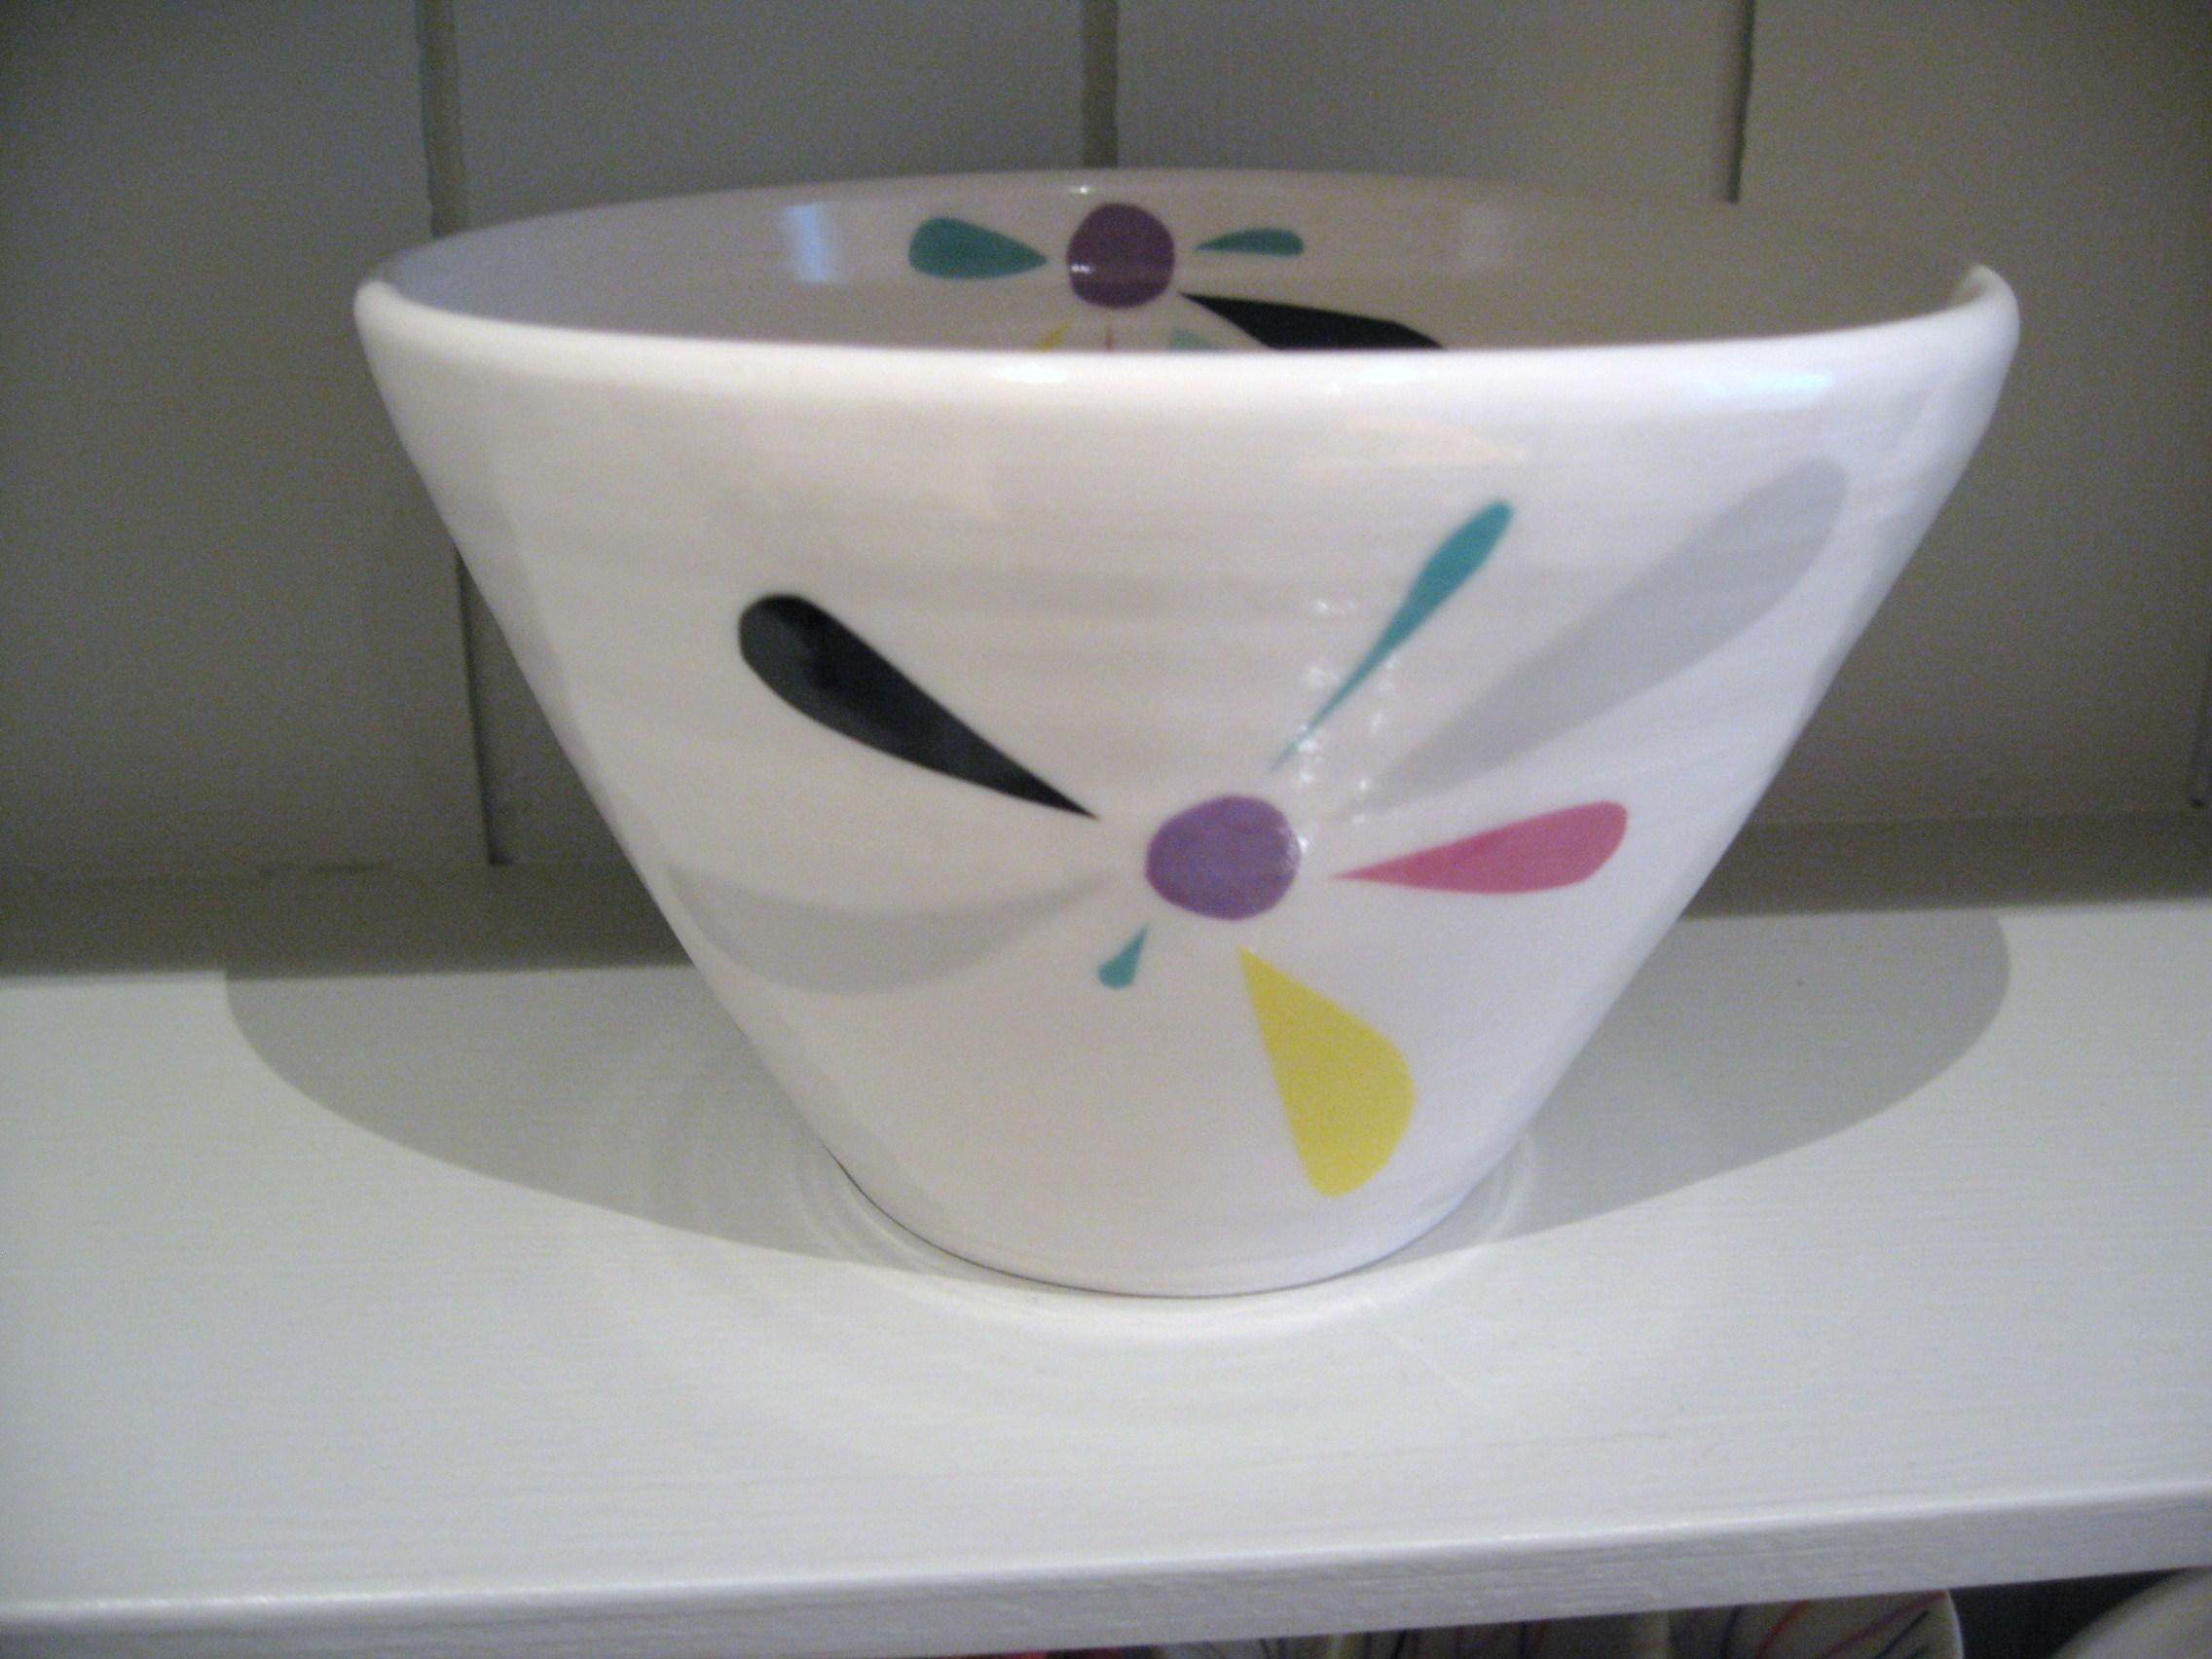 bowl-med-nov-2010-3.jpg